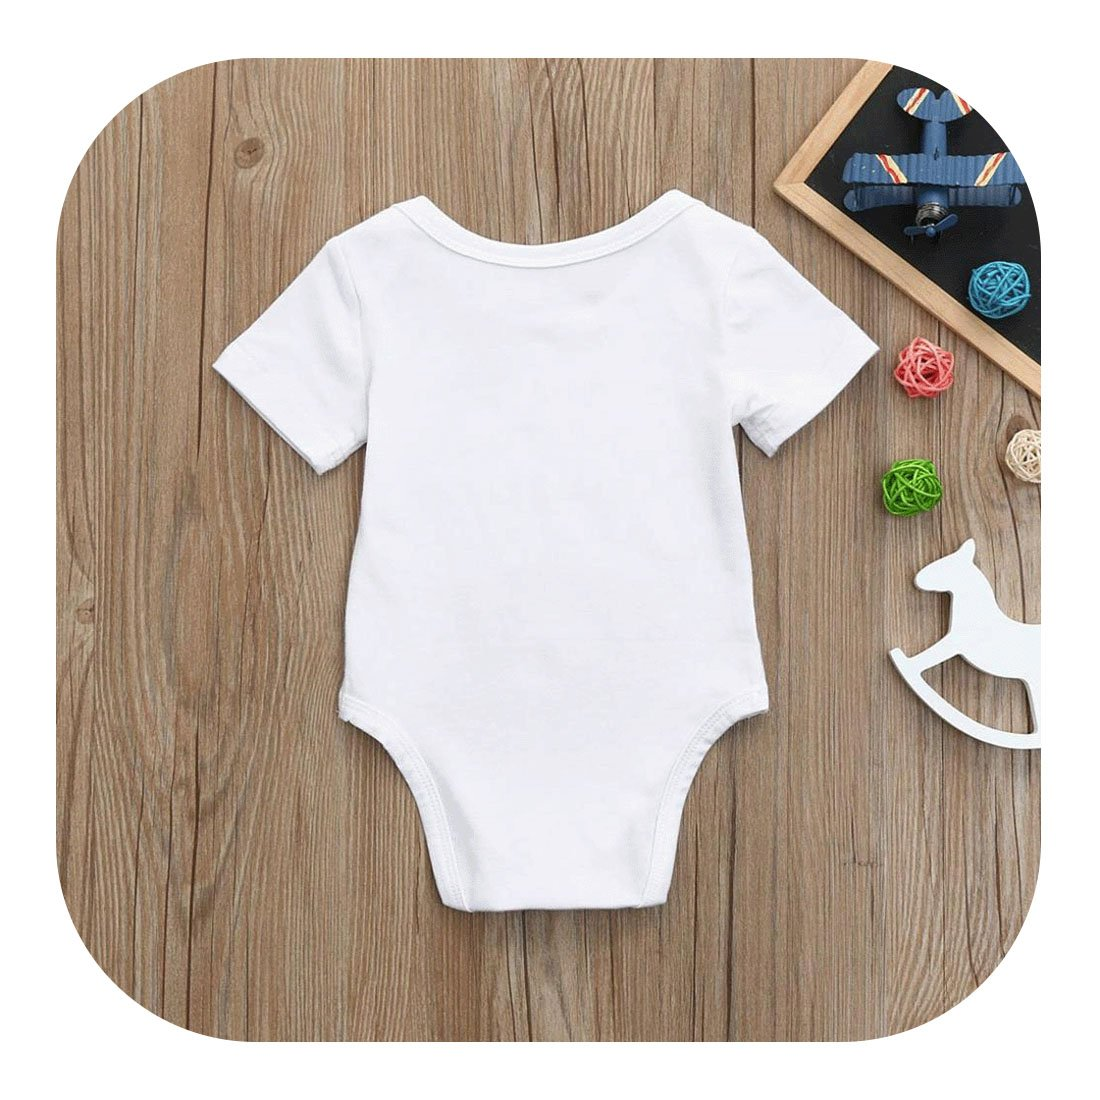 Amazon.com: molyveva Infant Baby Girl Boy Pelele manga corta ...